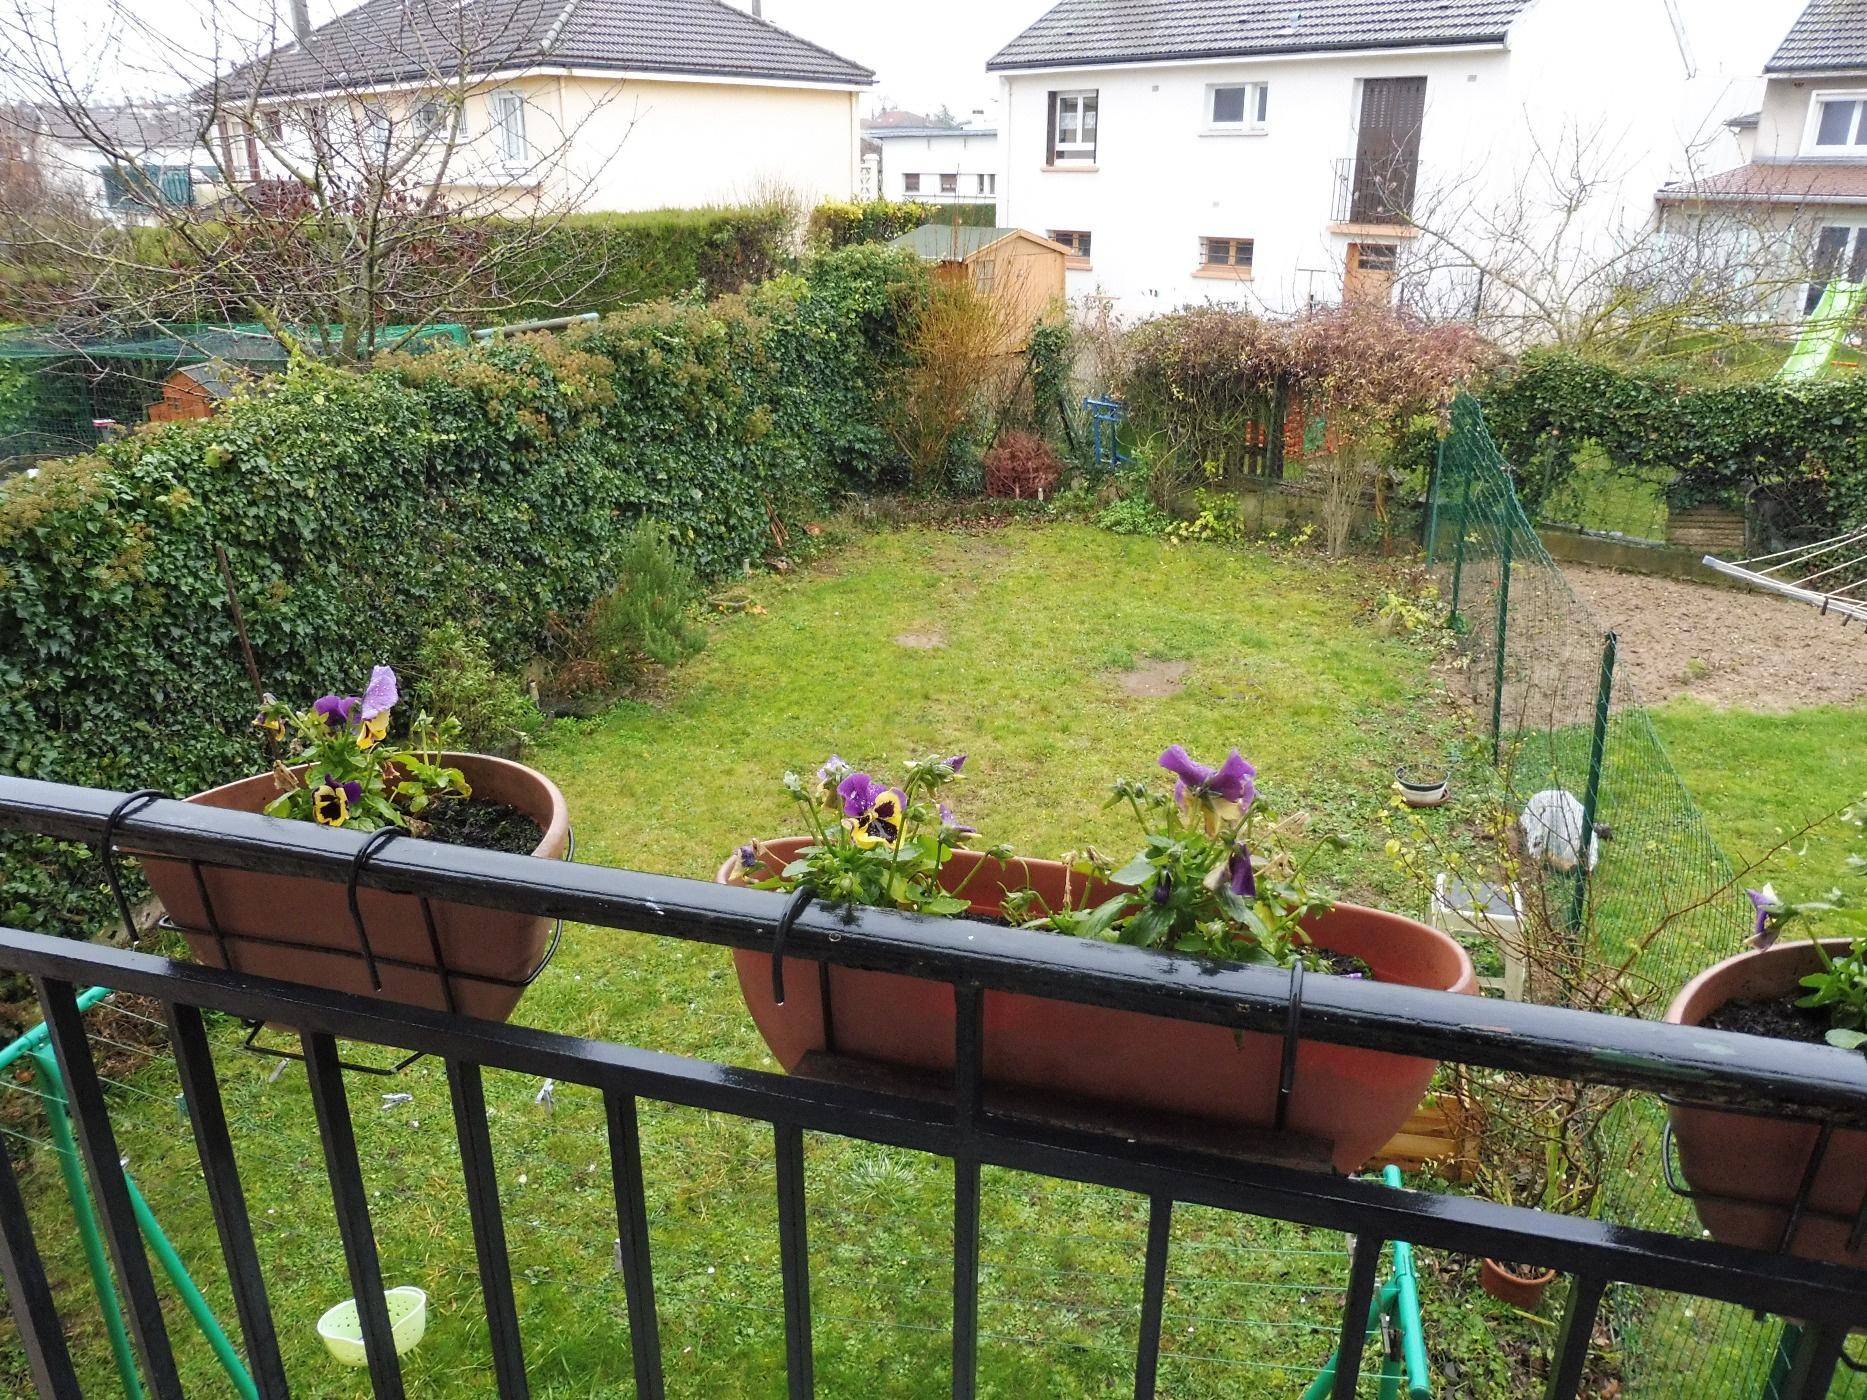 Vente secteur tinqueux maison type 5 avec jardin - Maison kiso jardin acclimatation reims ...